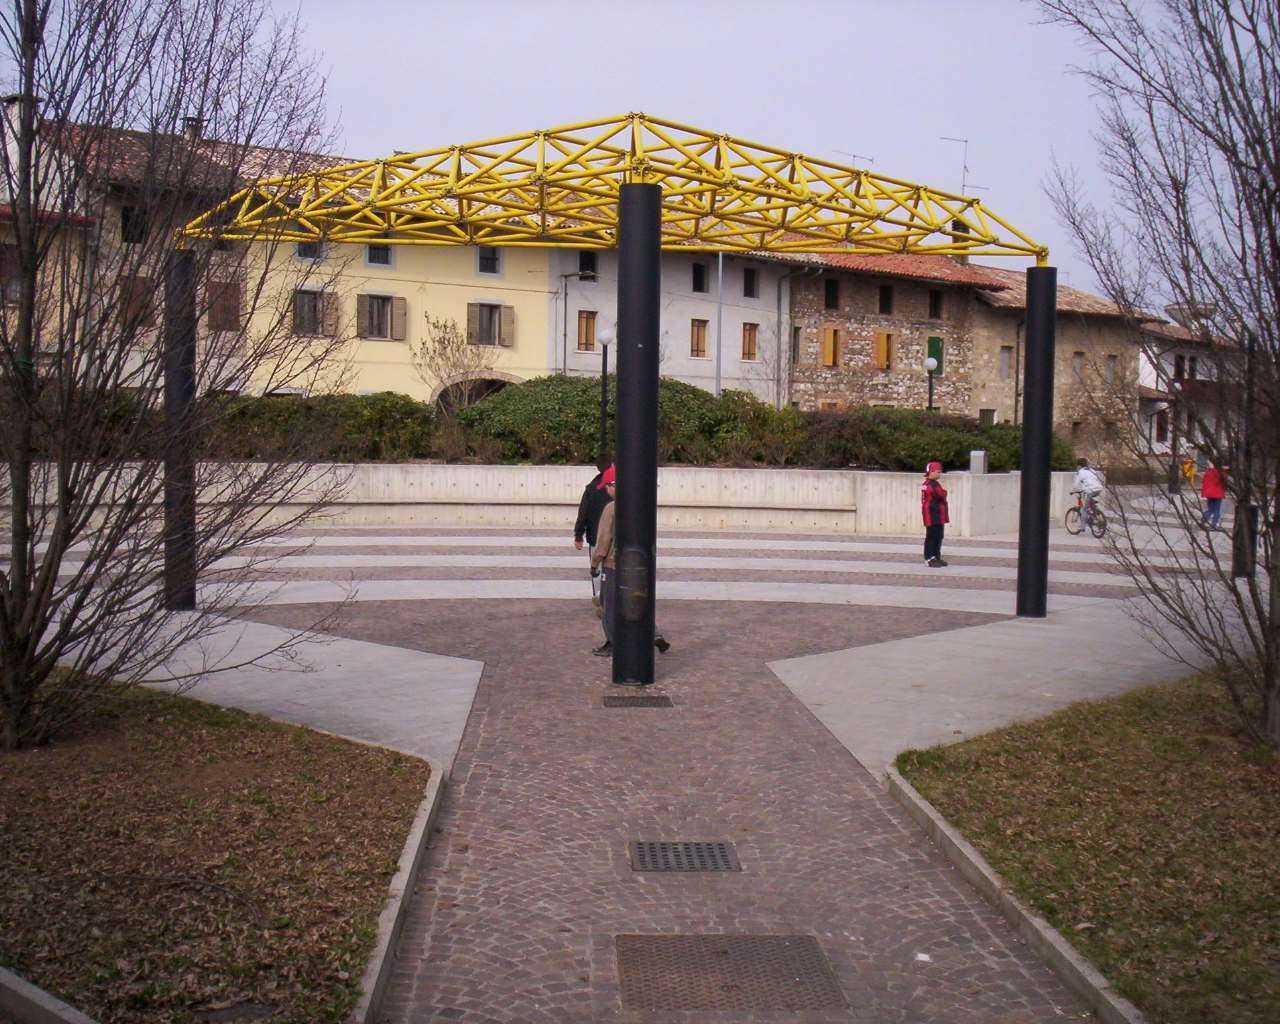 Piazza-Parco-Colloredo-di-Prato_002